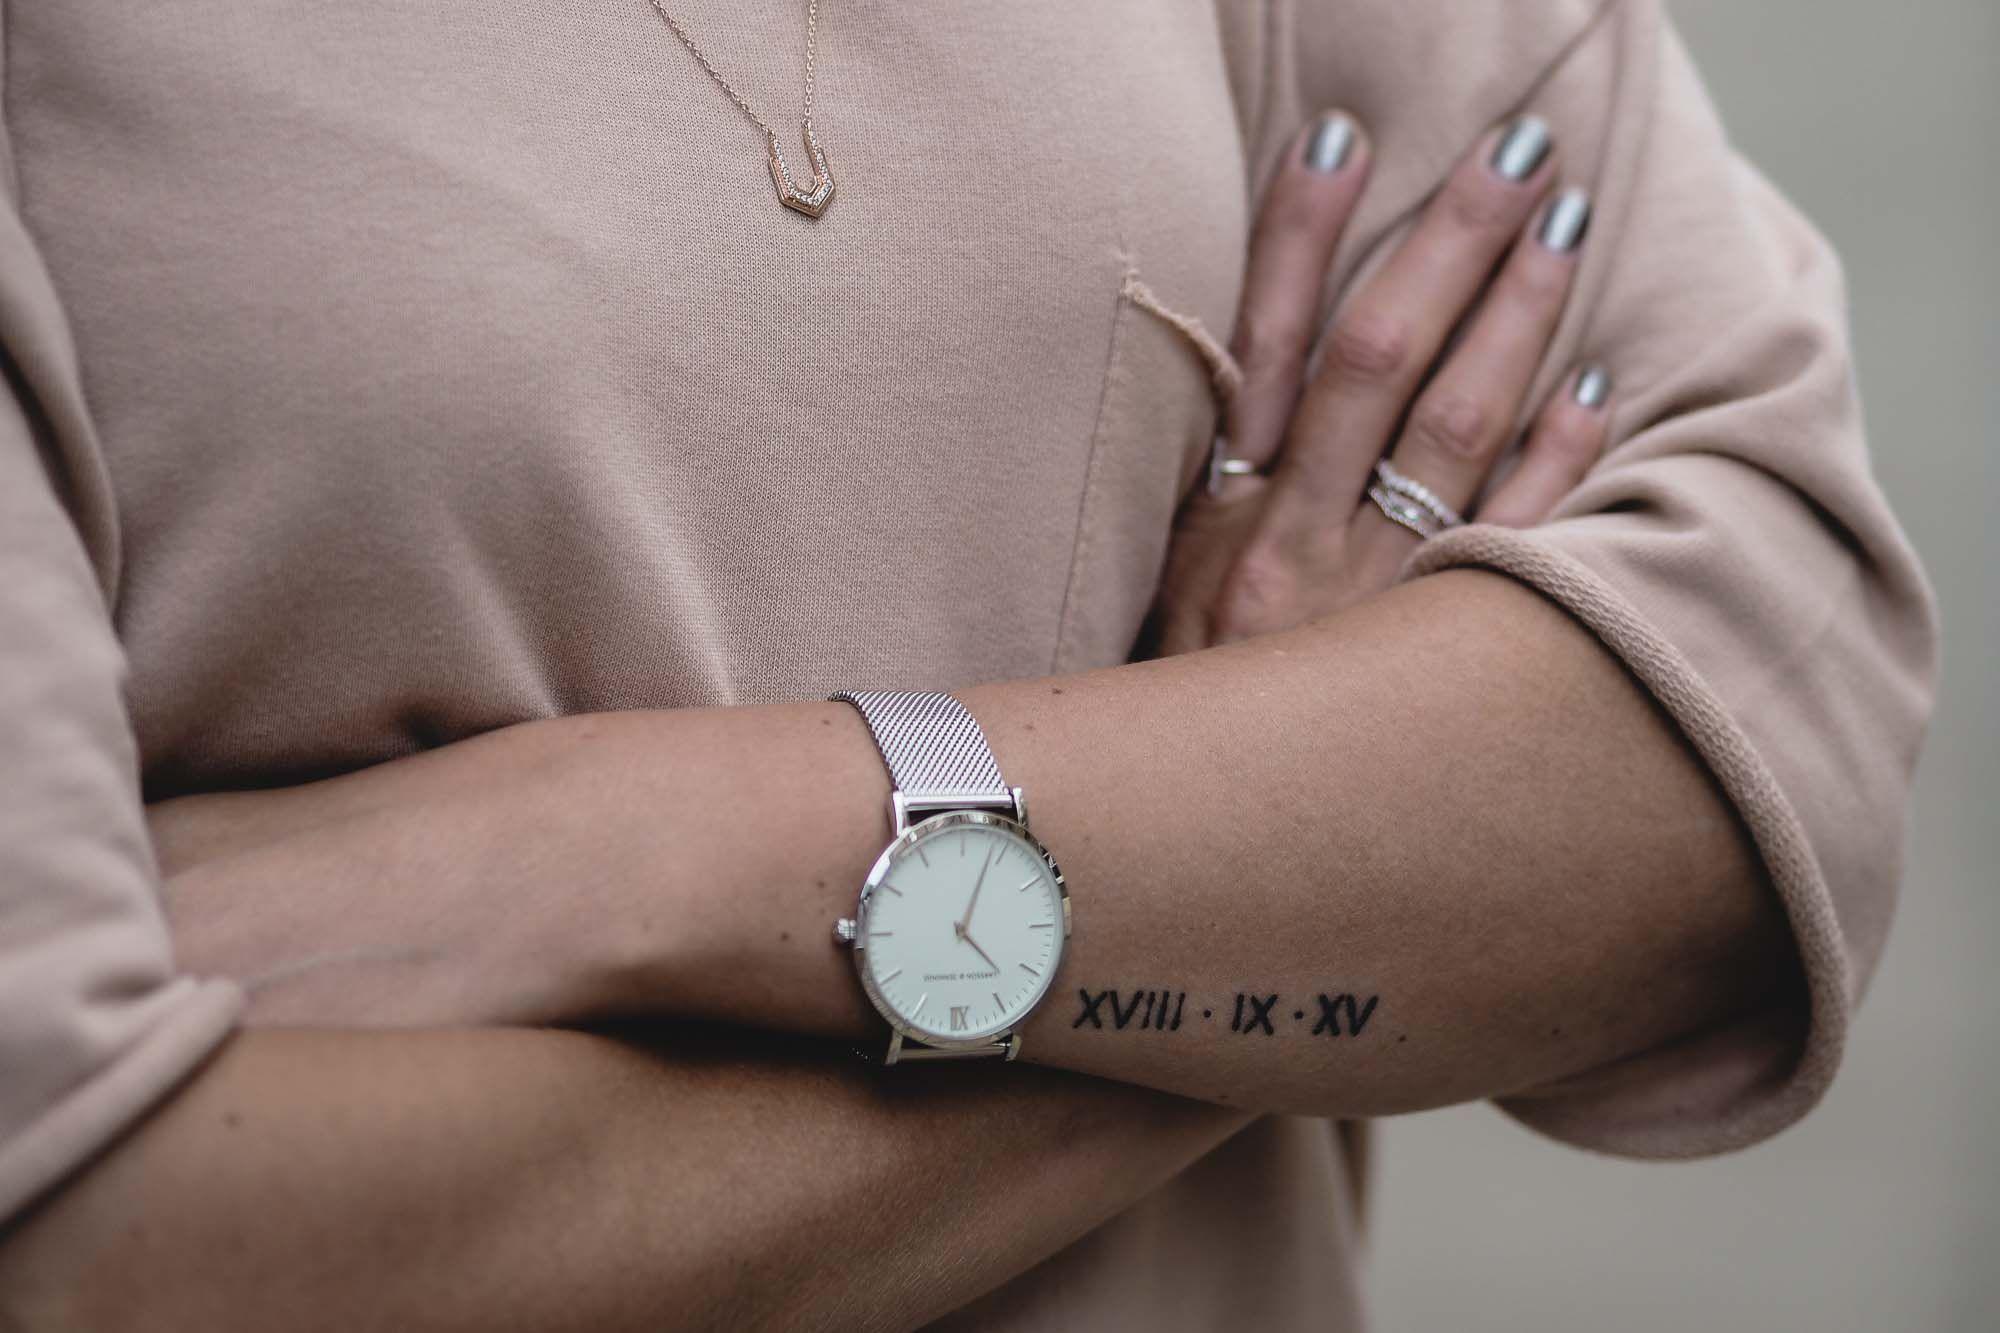 roman numerals wedding date arm tattoo, small tattoos | Tatoo Ideas ...